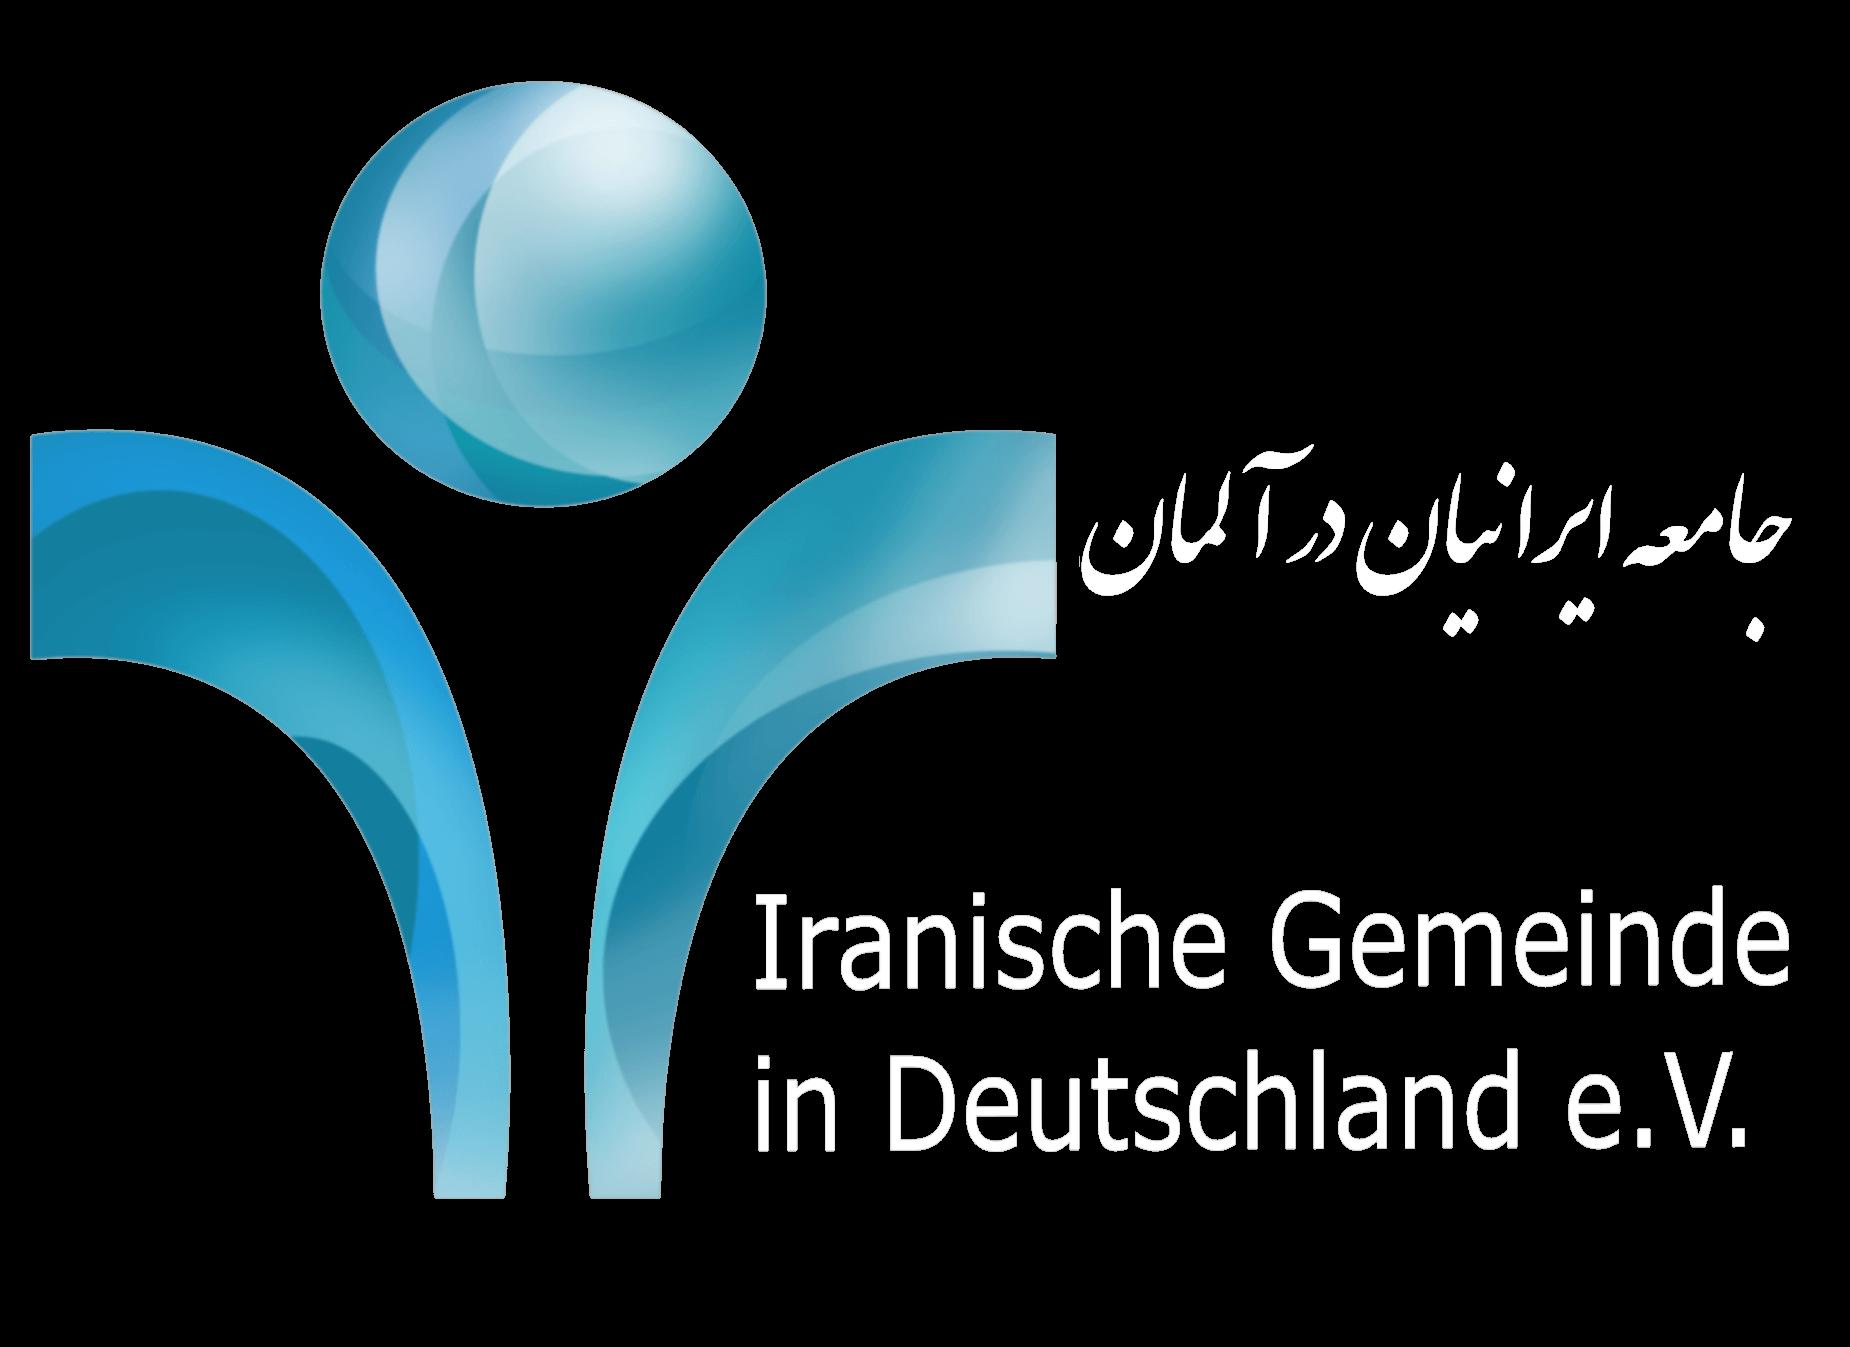 جامعه ایرانیان در آلمان